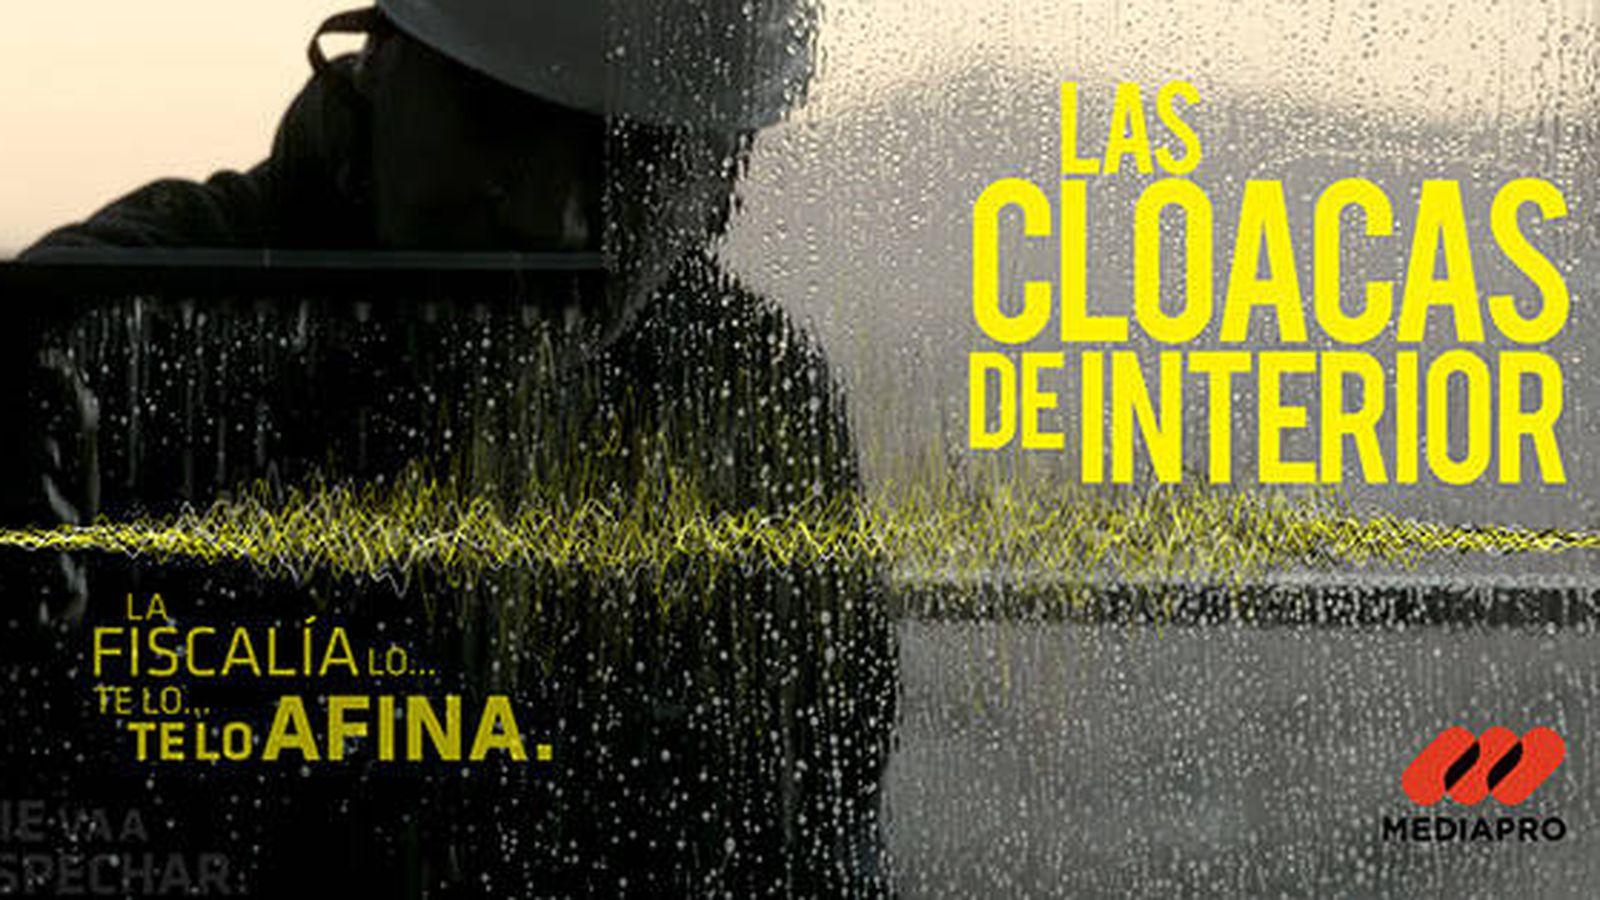 Foto: Imagen del documental 'Las cloacas de interior'. (Mediapro)